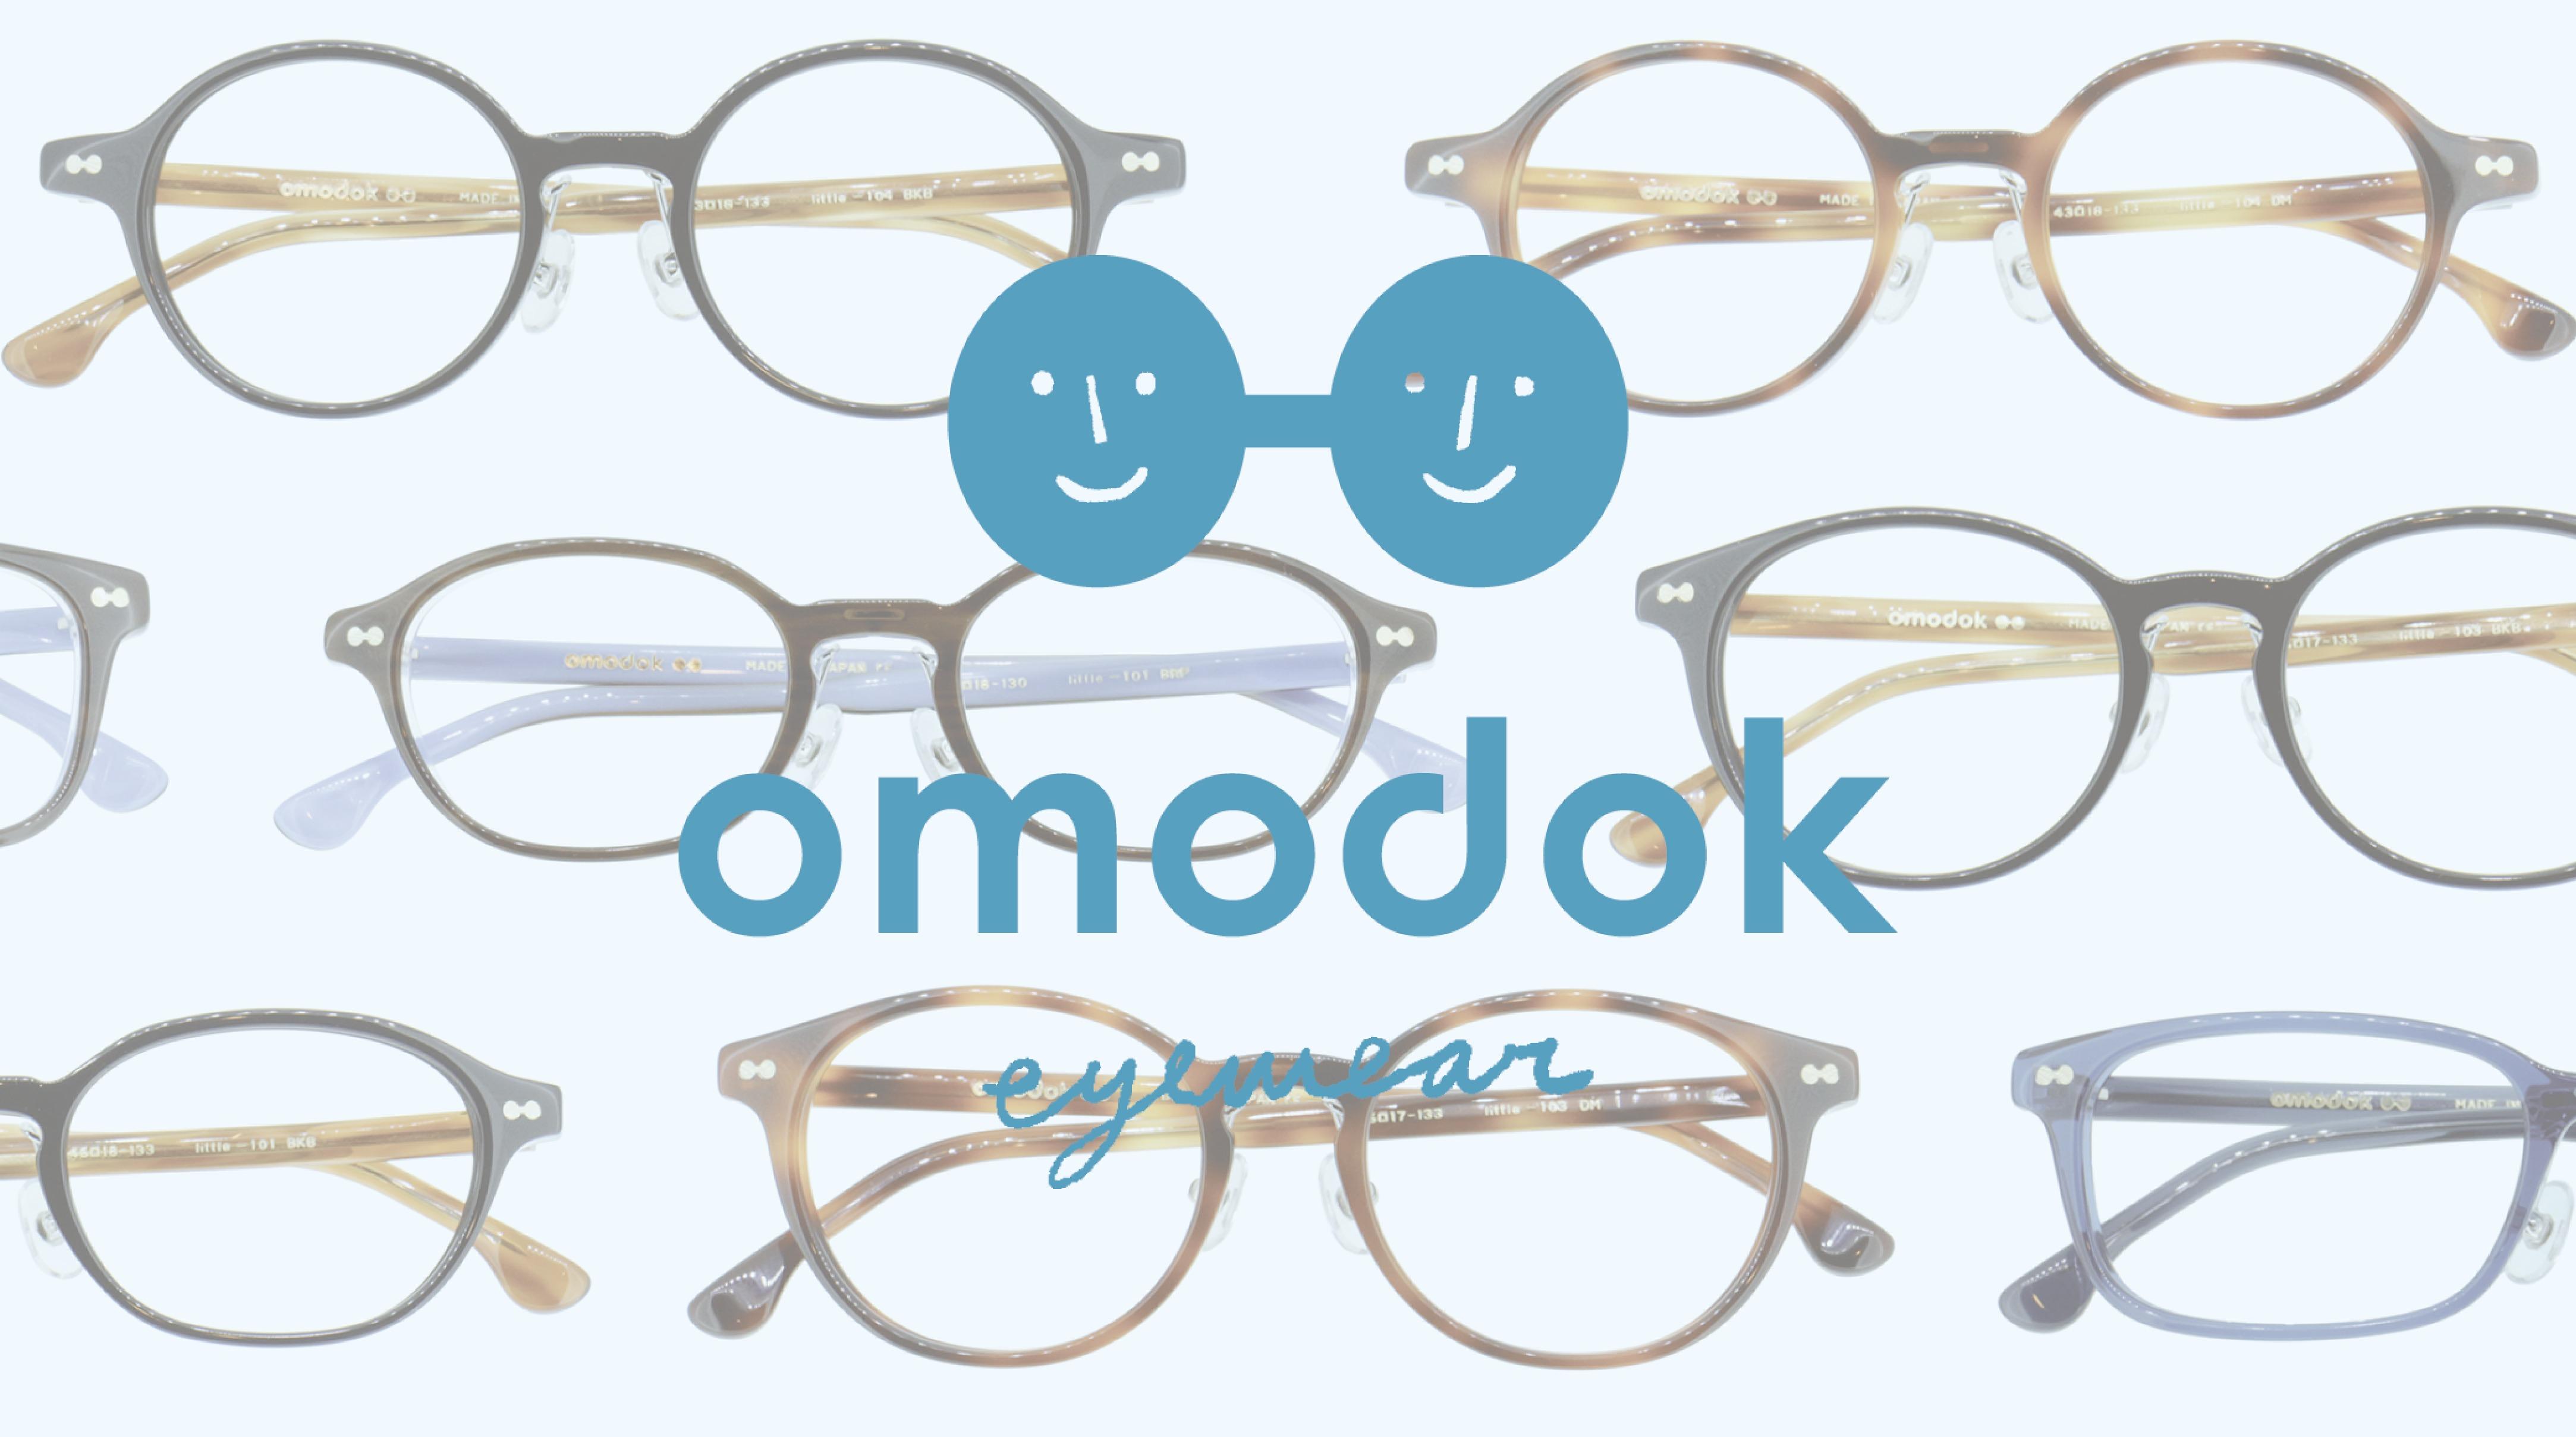 こどもメガネ『omodok/オモドック』のご紹介。